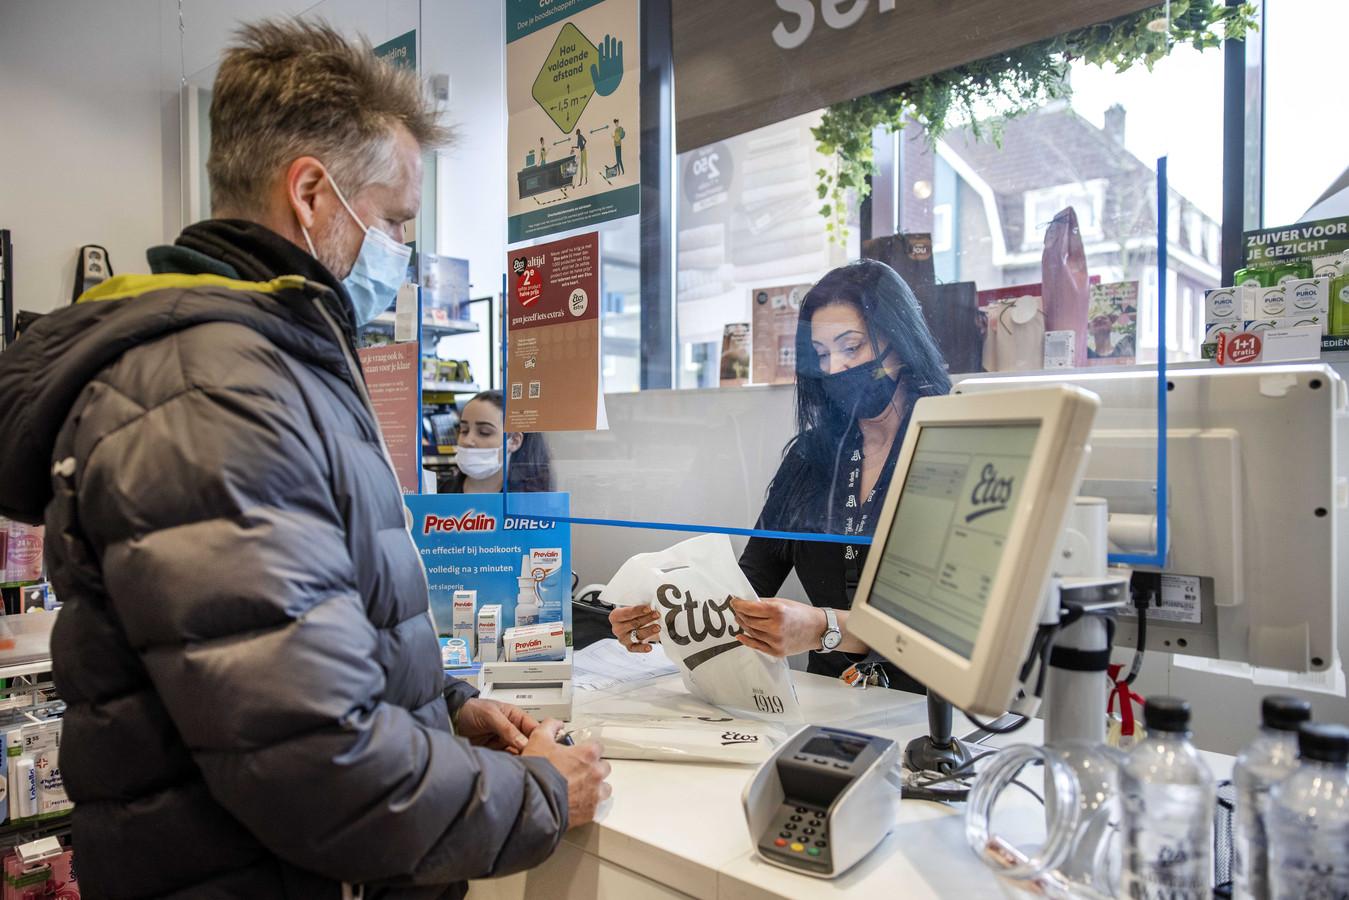 Een klant koopt een coronazelftest bij drogisterijketen Etos. Met de sneltesten kunnen mensen bij zichzelf een test afnemen om te kijken of zij besmet zijn met het coronavirus.